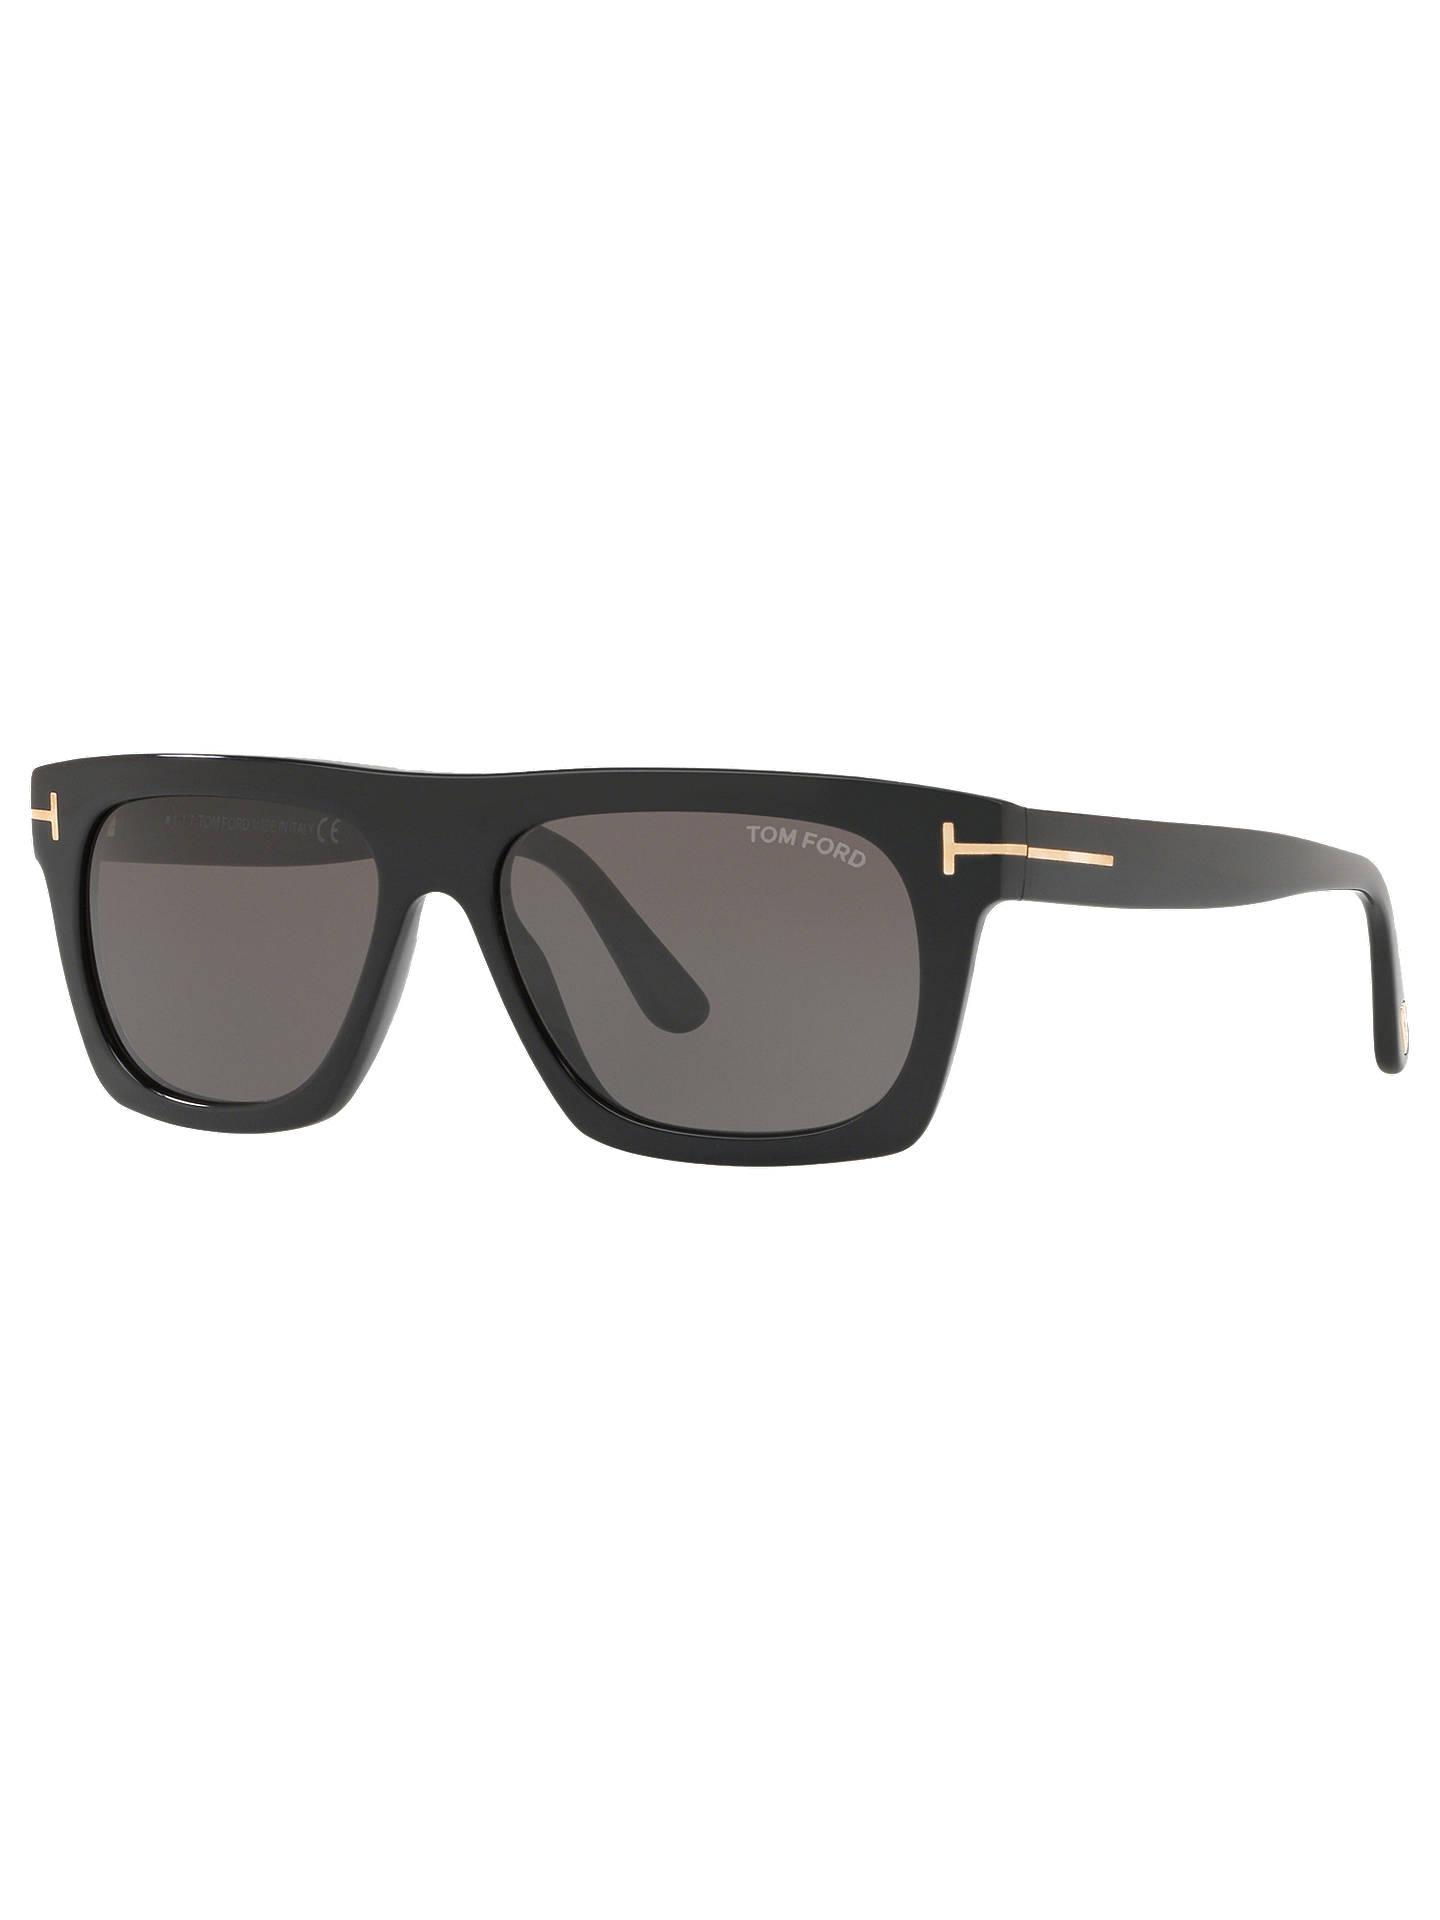 be7bf89bec3 Buy TOM FORD FT059255 Men s Geometric Sunglasses